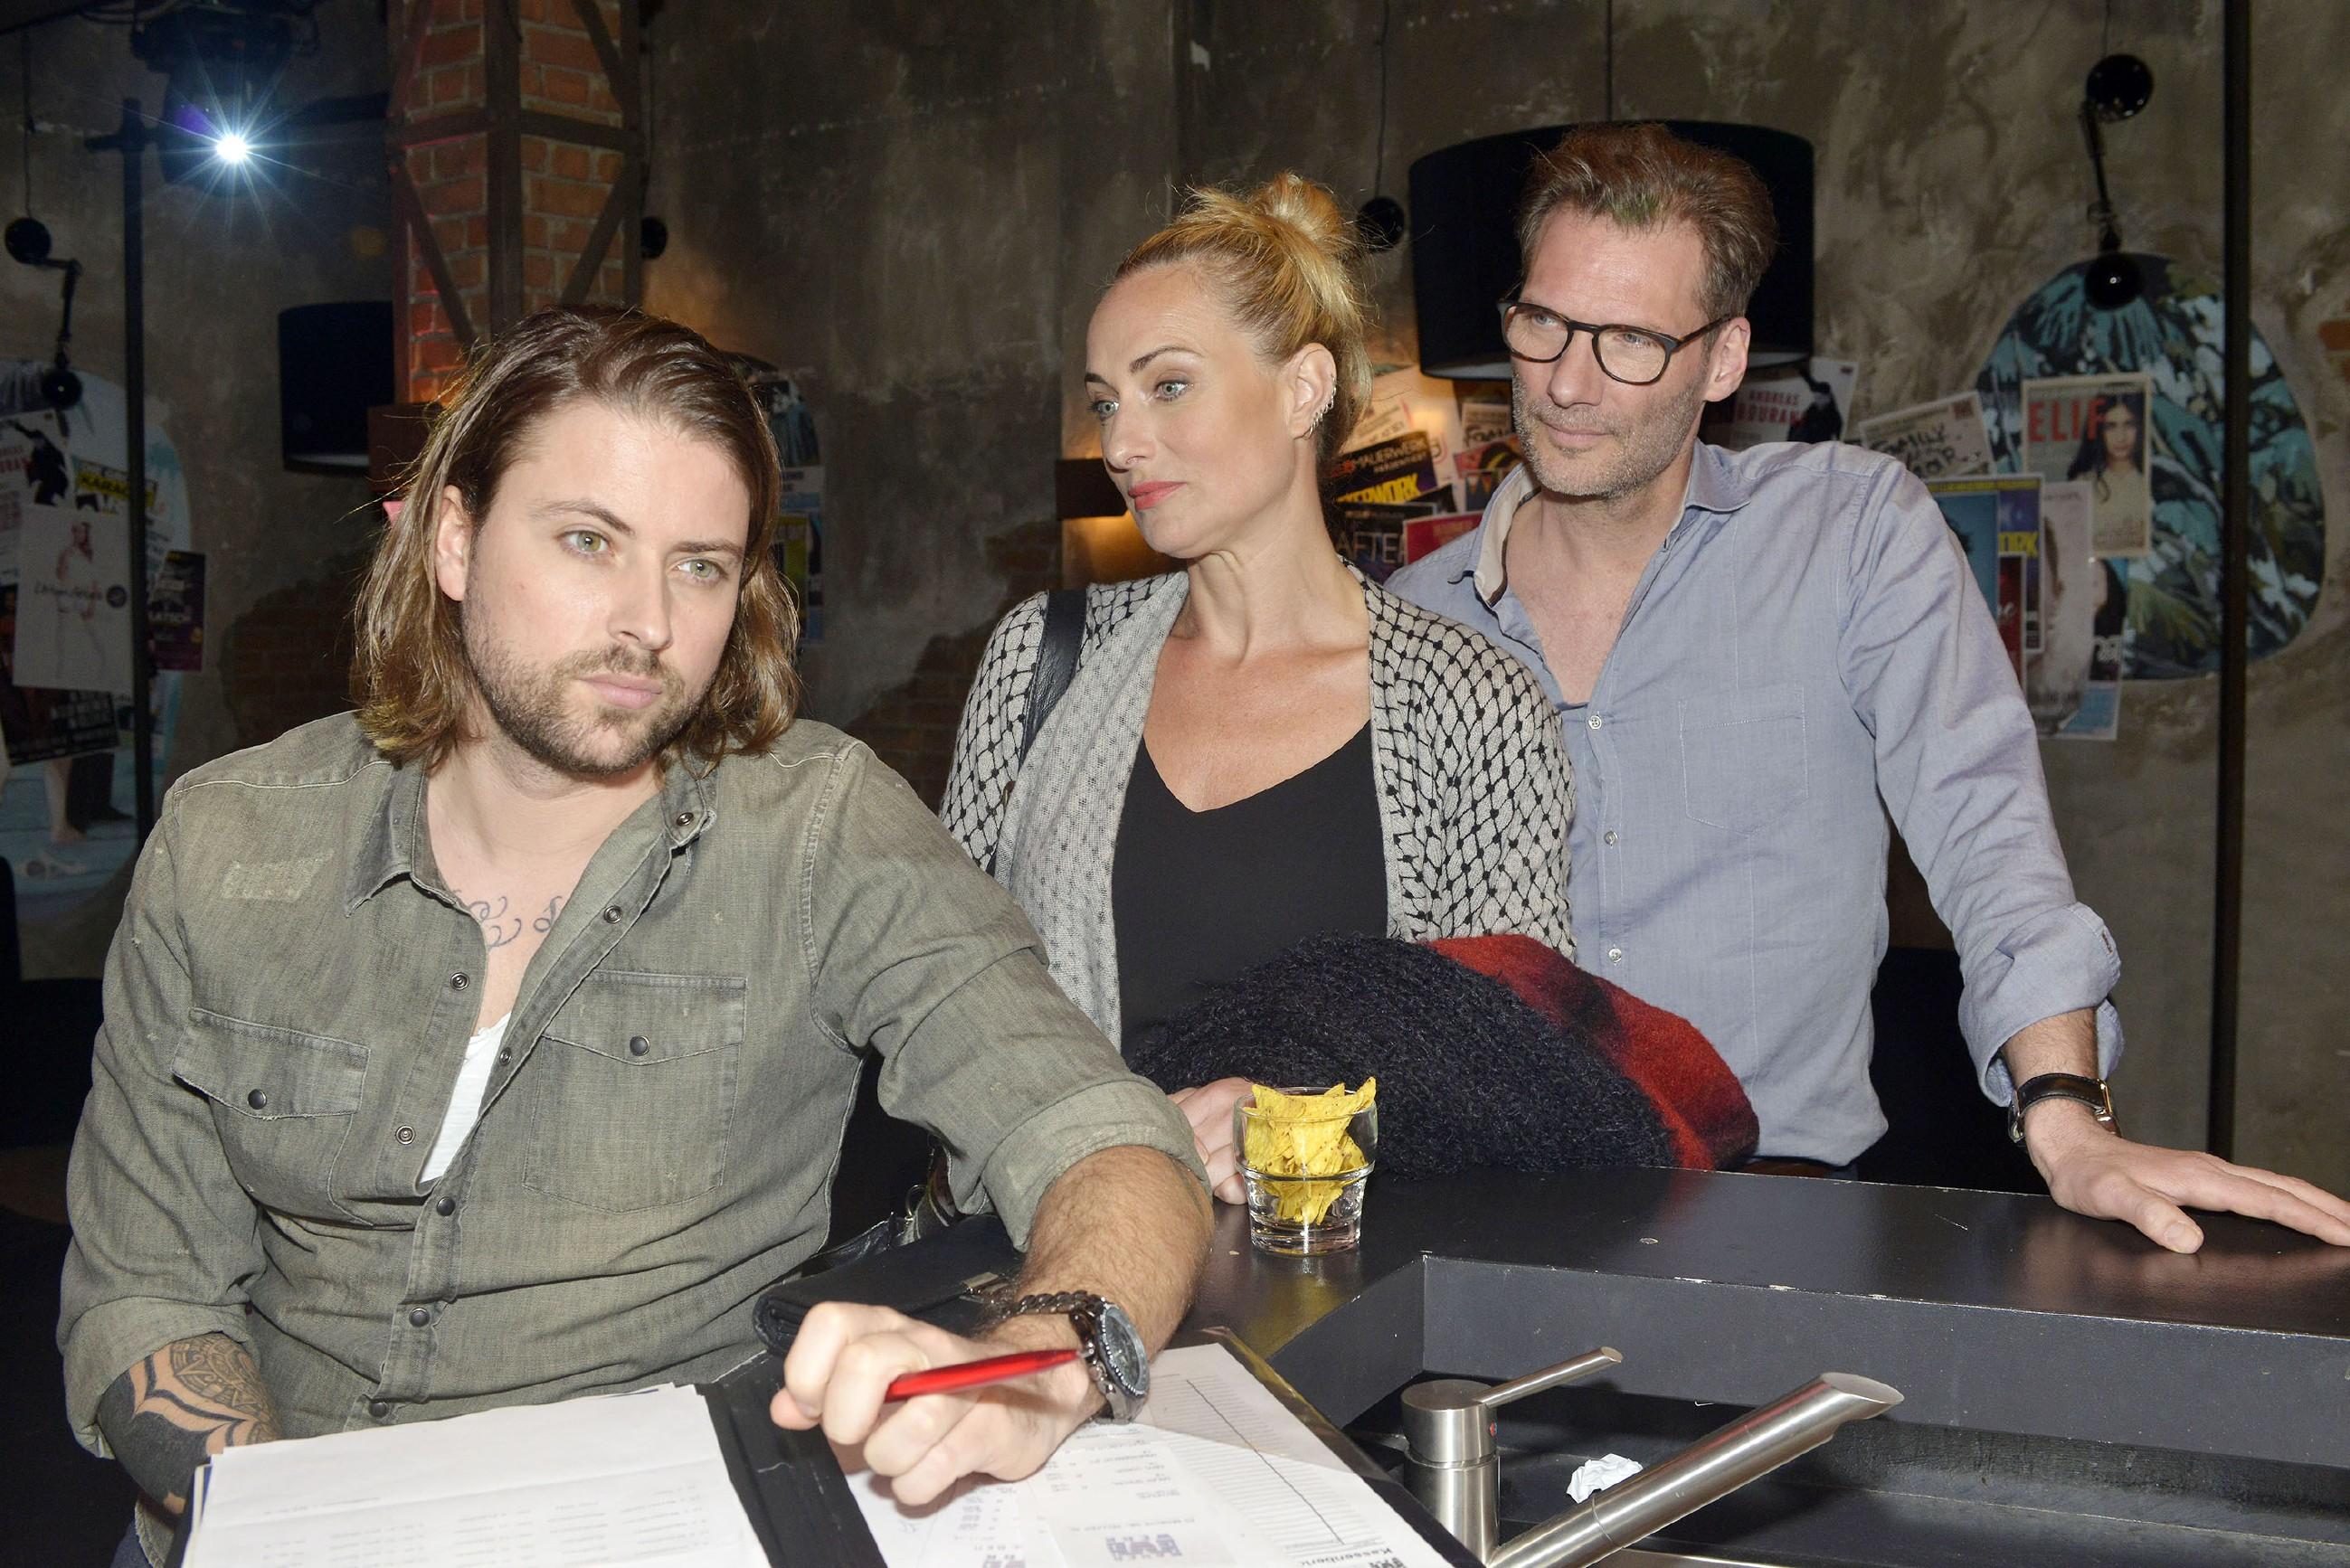 Während sich Maren (Eva Mona Rodekirchen) und Alexander (Clemens Löhr, r.) wegen des neuen Clubs Sorgen um das Mauerwerk machen, bleibt John (Felix von Jascheroff) gelassen. Er kennt die Berliner Clubszene und ist sicher, dass der Hype schnell vorbei ist.